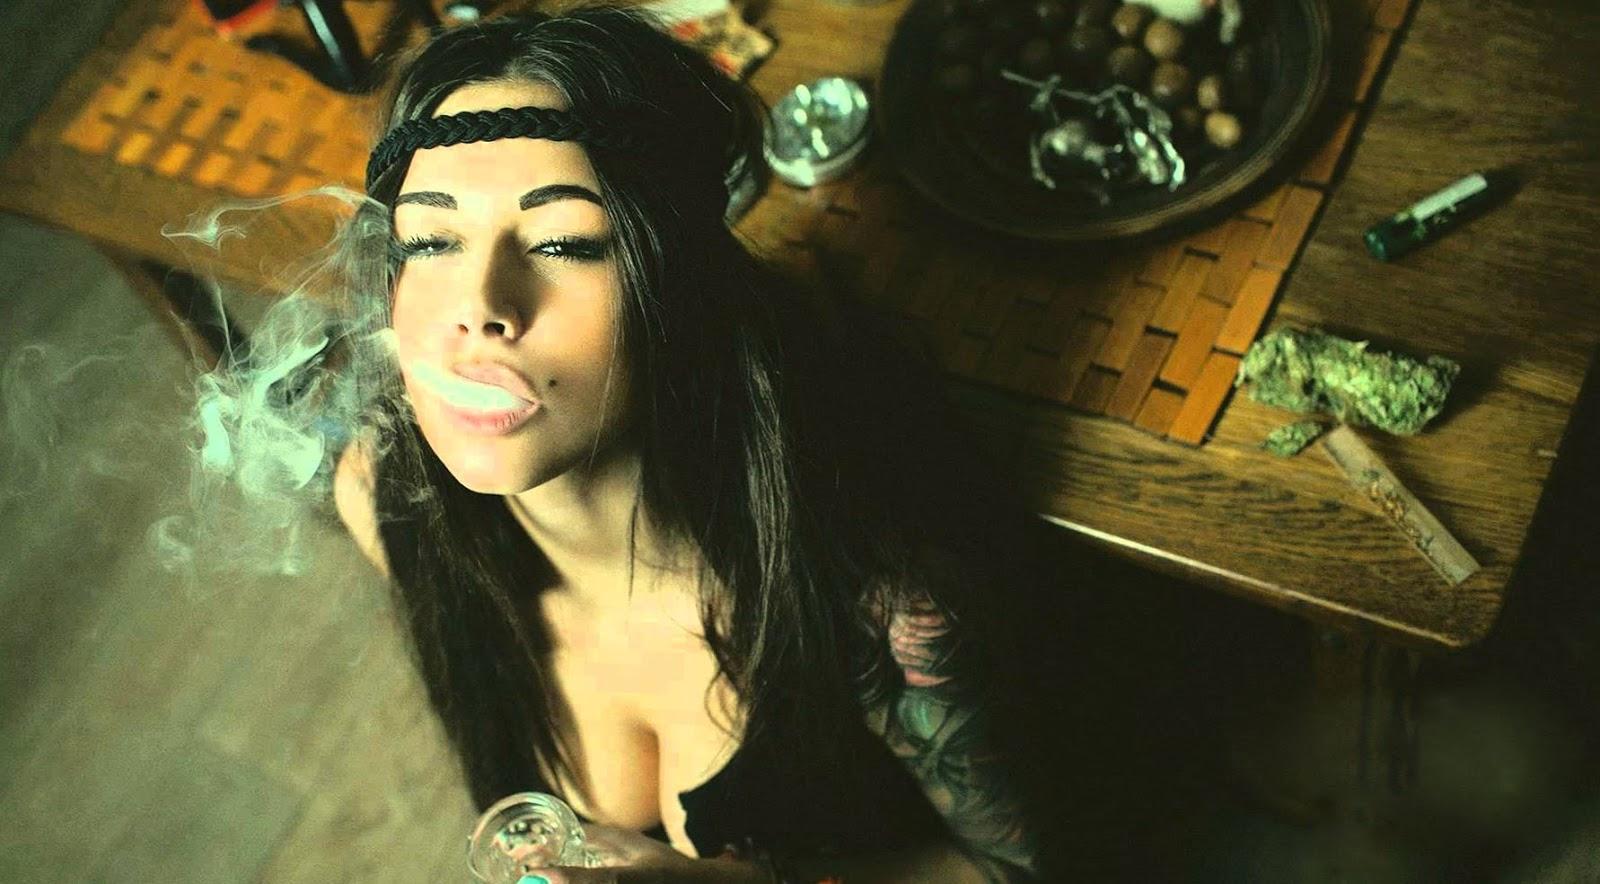 mezcla combinacion de marihuana y otras drogas